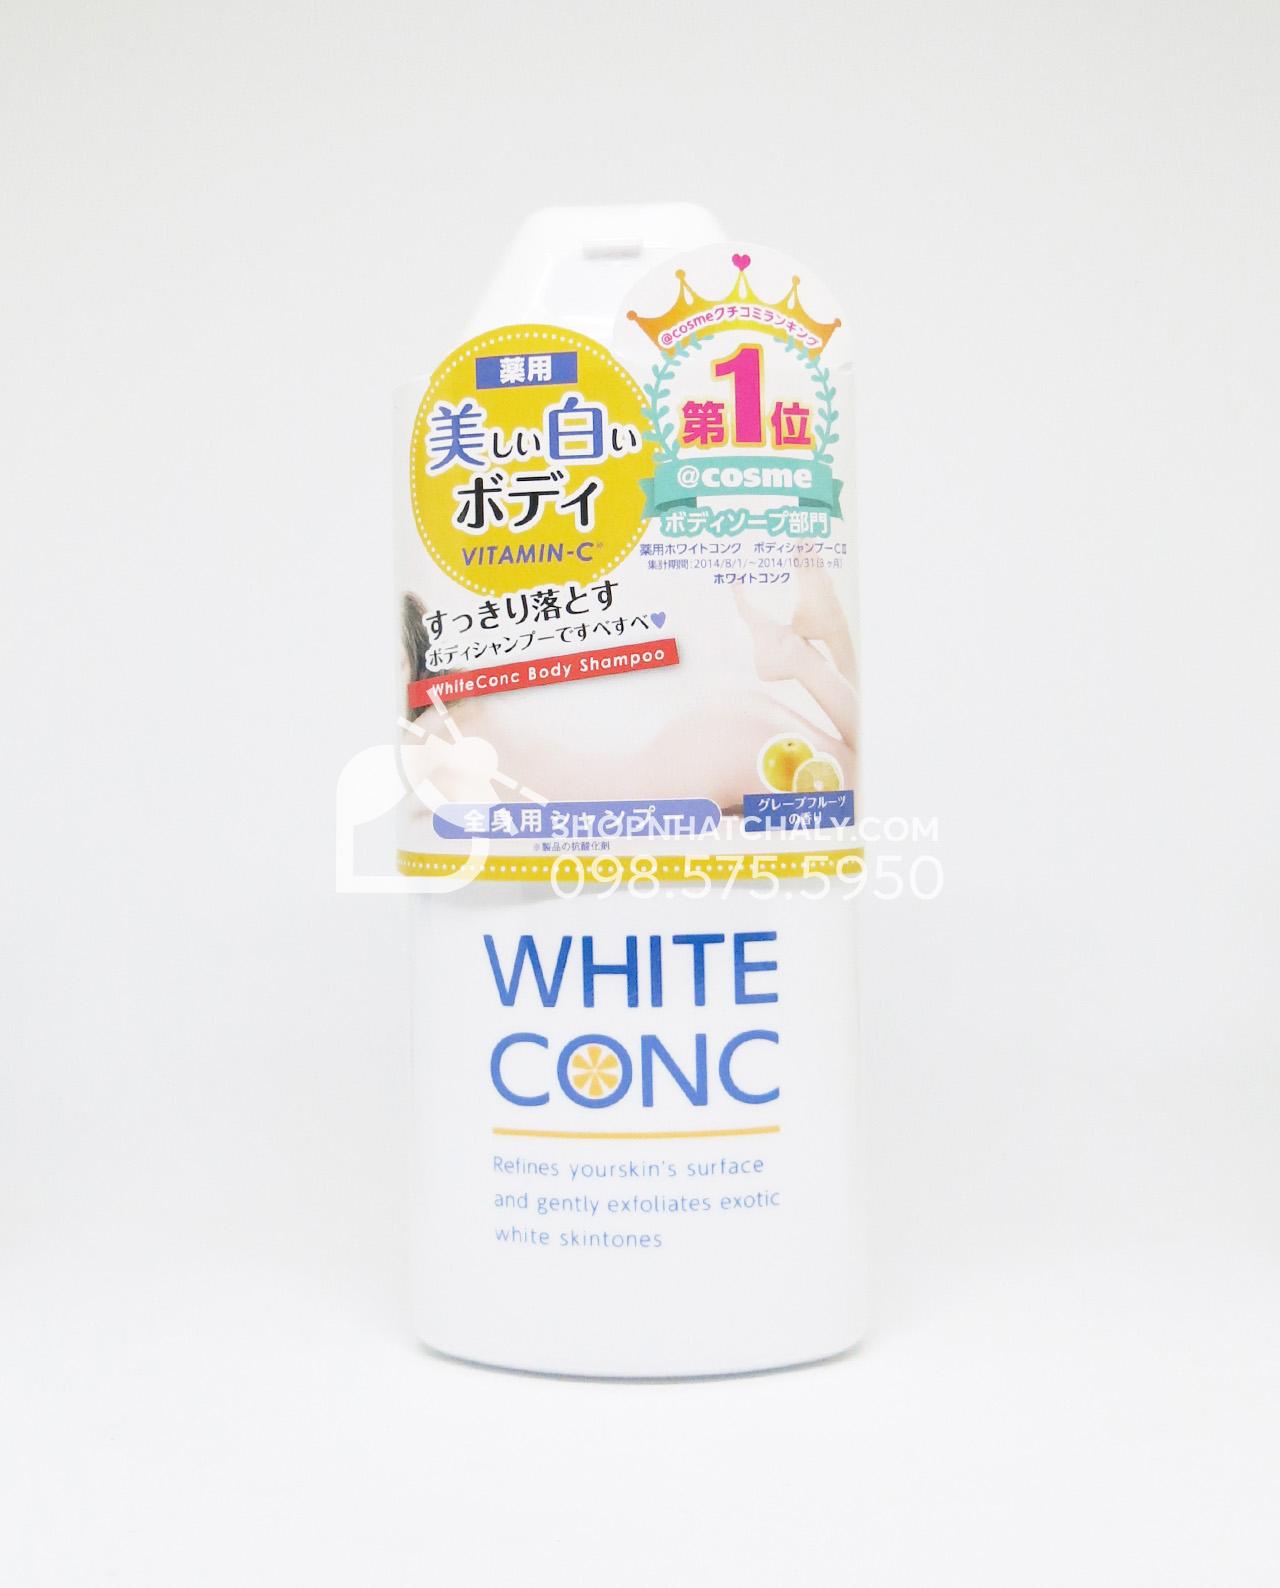 White Conc Body Shampoo là sữa tắm trắng phổ biến nhất tại Nhật. Là phương pháp tự tắm trắng tại nhà an toàn và hiệu quả được các bạn gái Nhật vô cùng ưa chuộng